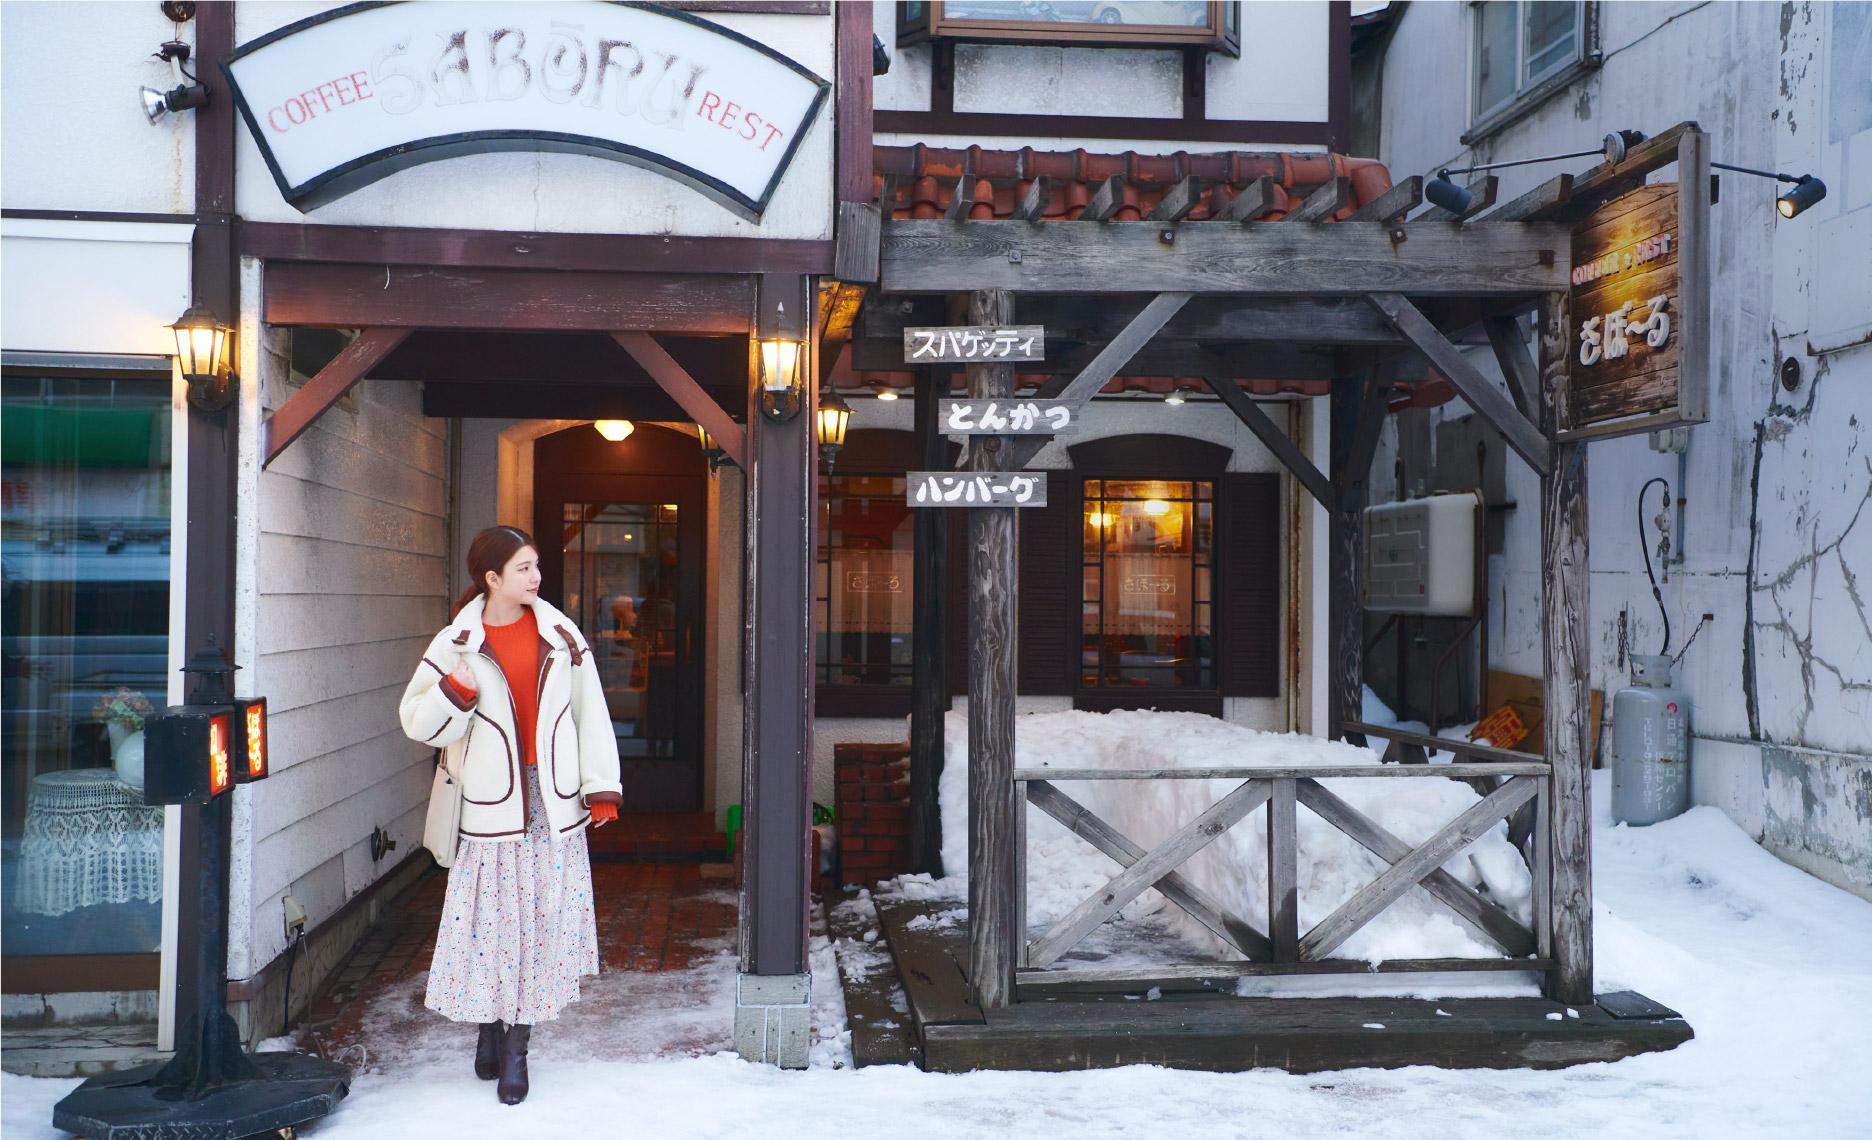 川島海荷さんがナビゲート 北海道岩内町で雪とあそぶアクティブステイ